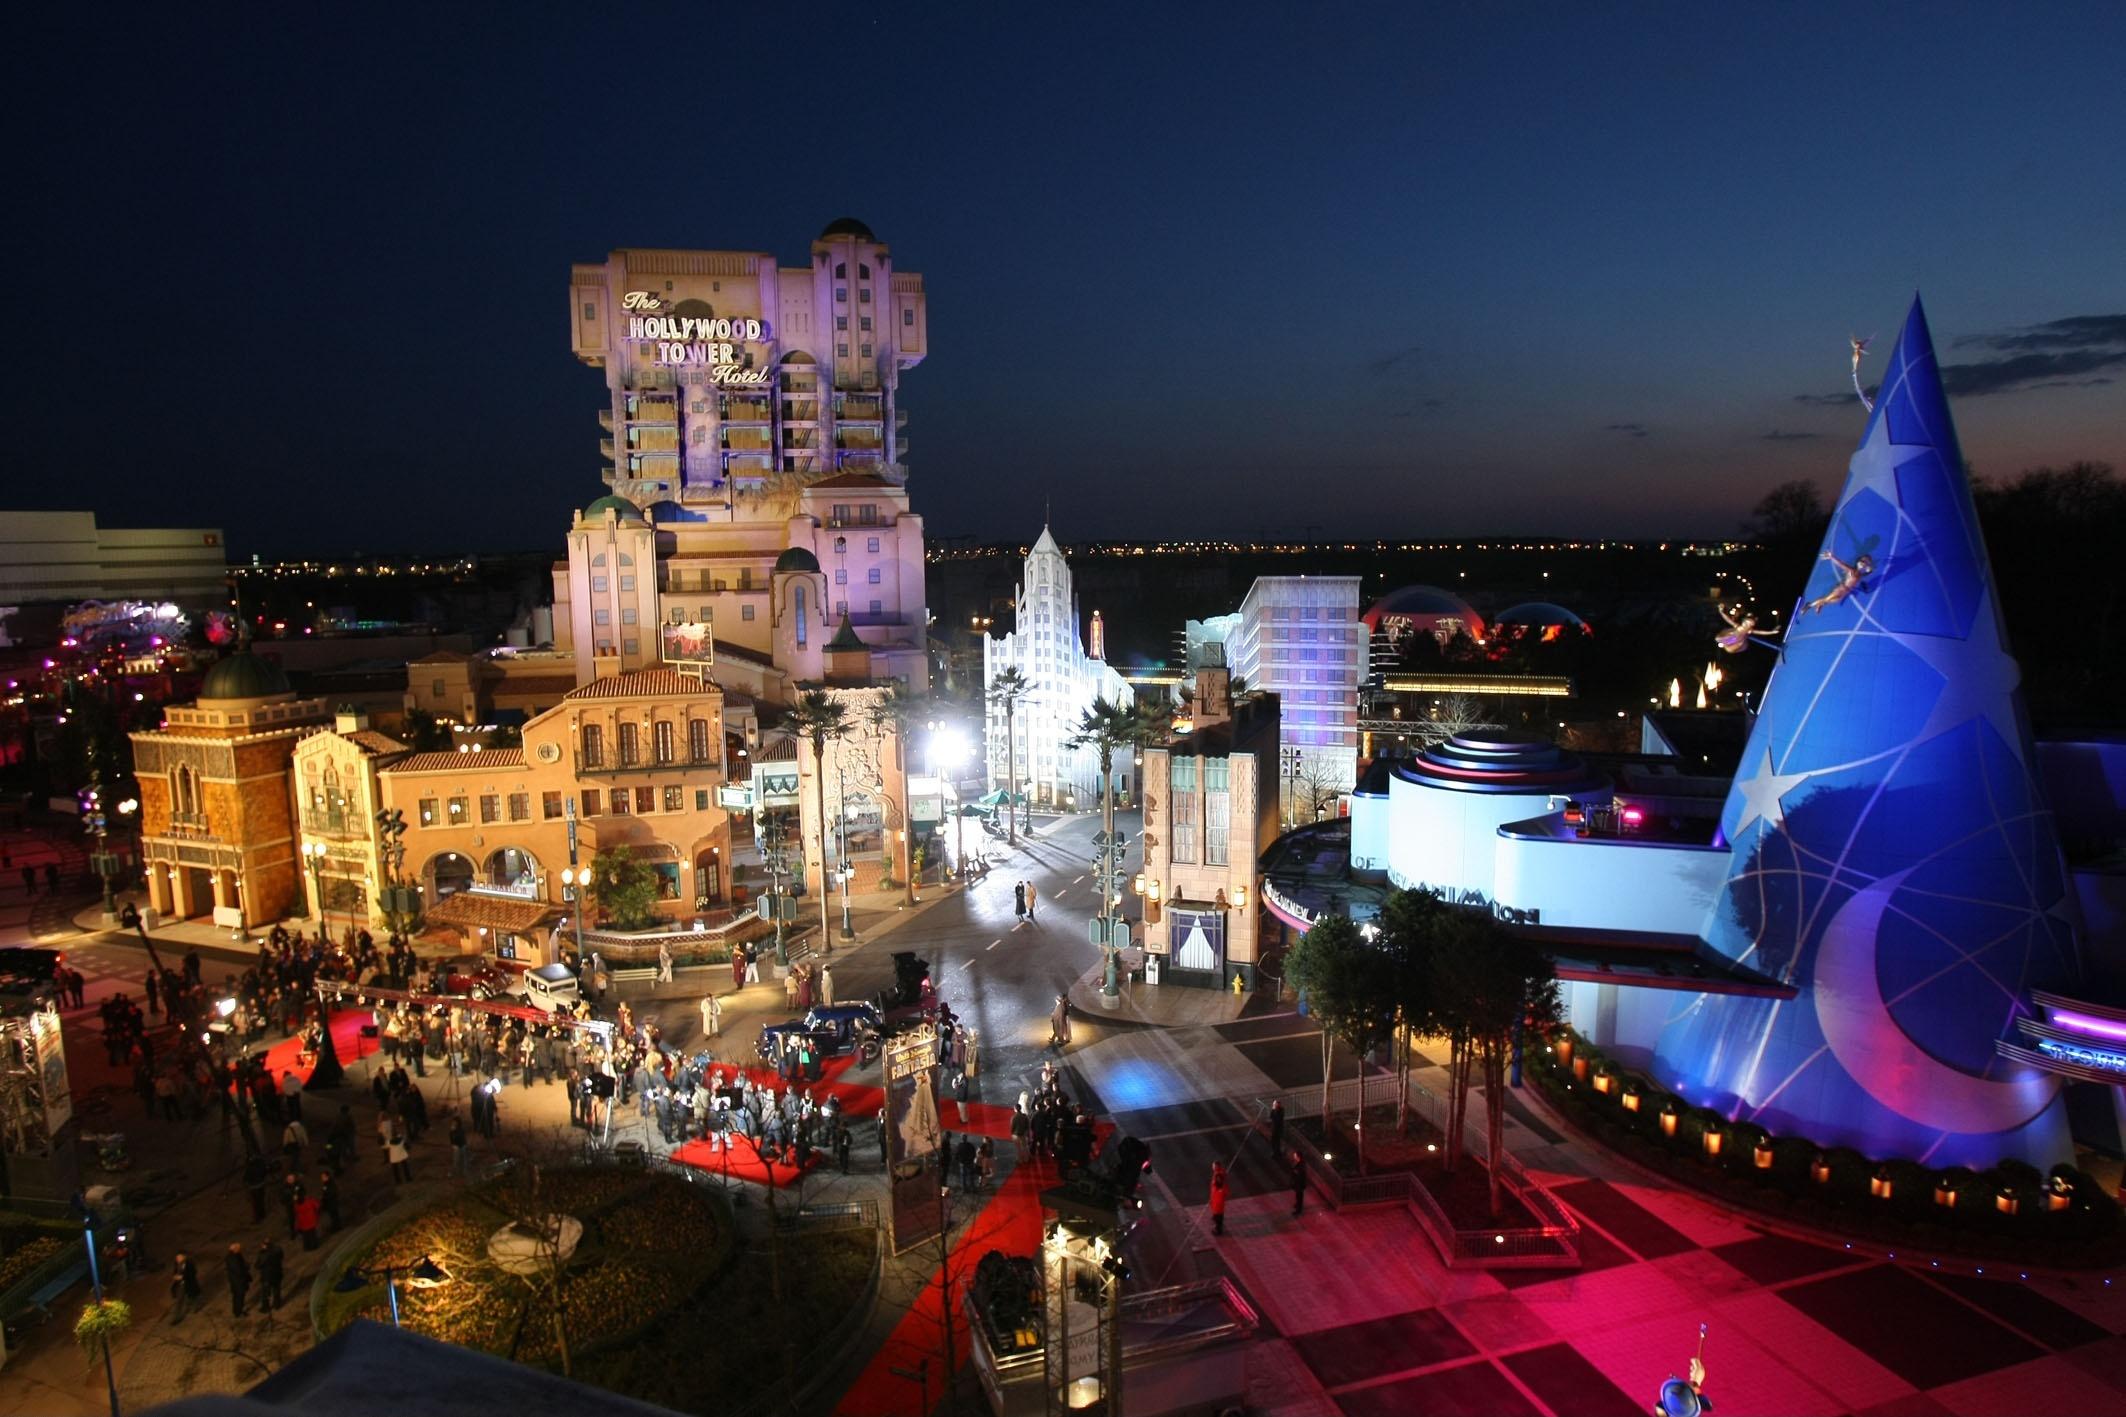 Vista aérea do Disney Hollywood Studios